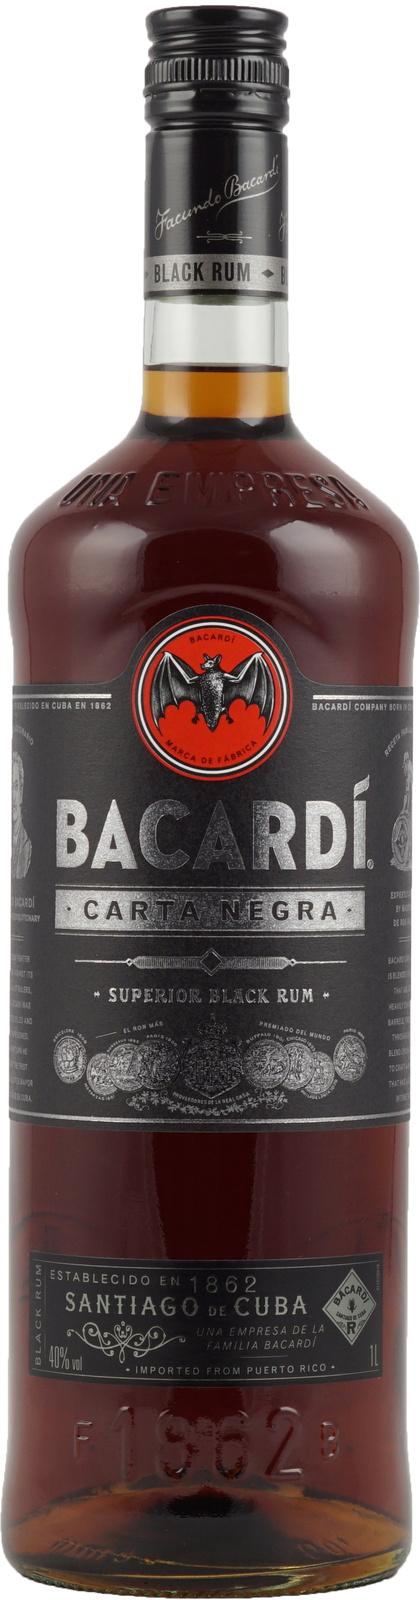 Bacardi Carta Negra - Guter Dark Rum als 1-Liter-Flasche von Bacardi